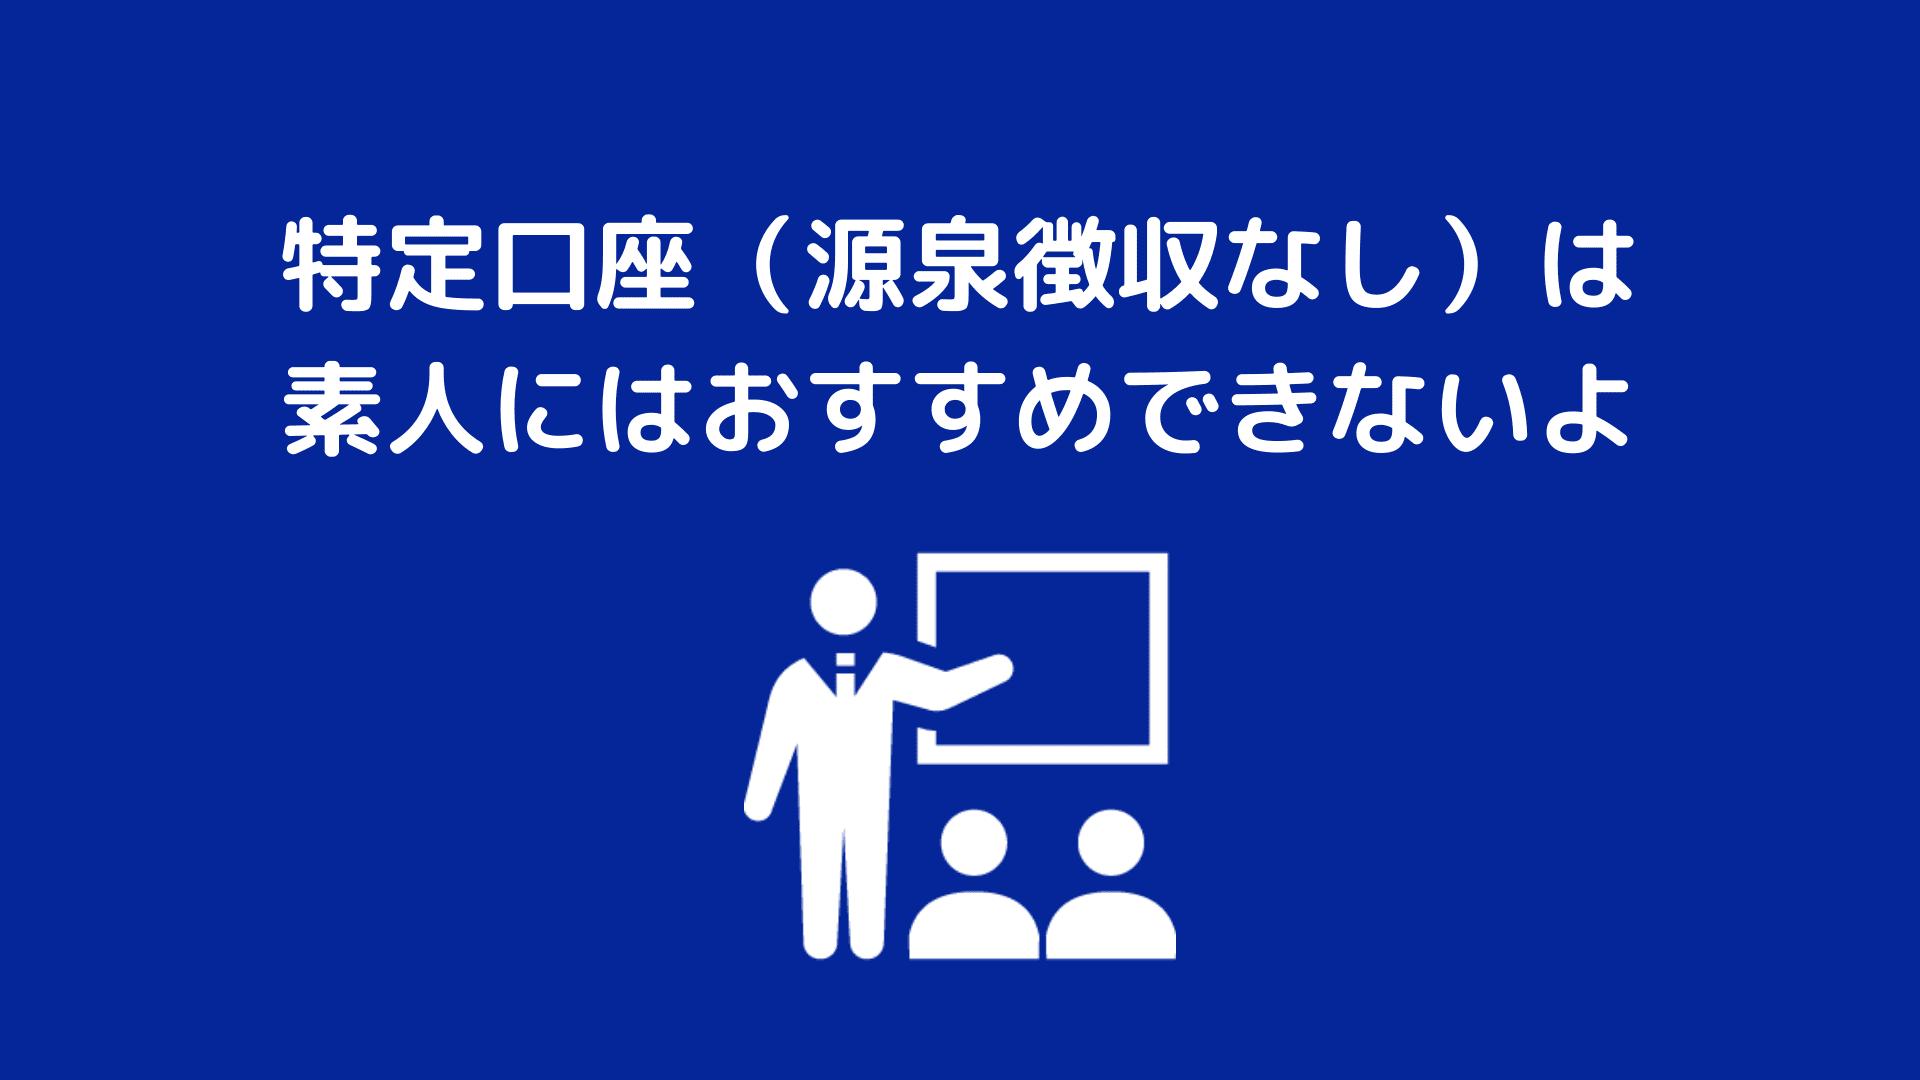 Tokuteikouza genseinchoushunashi